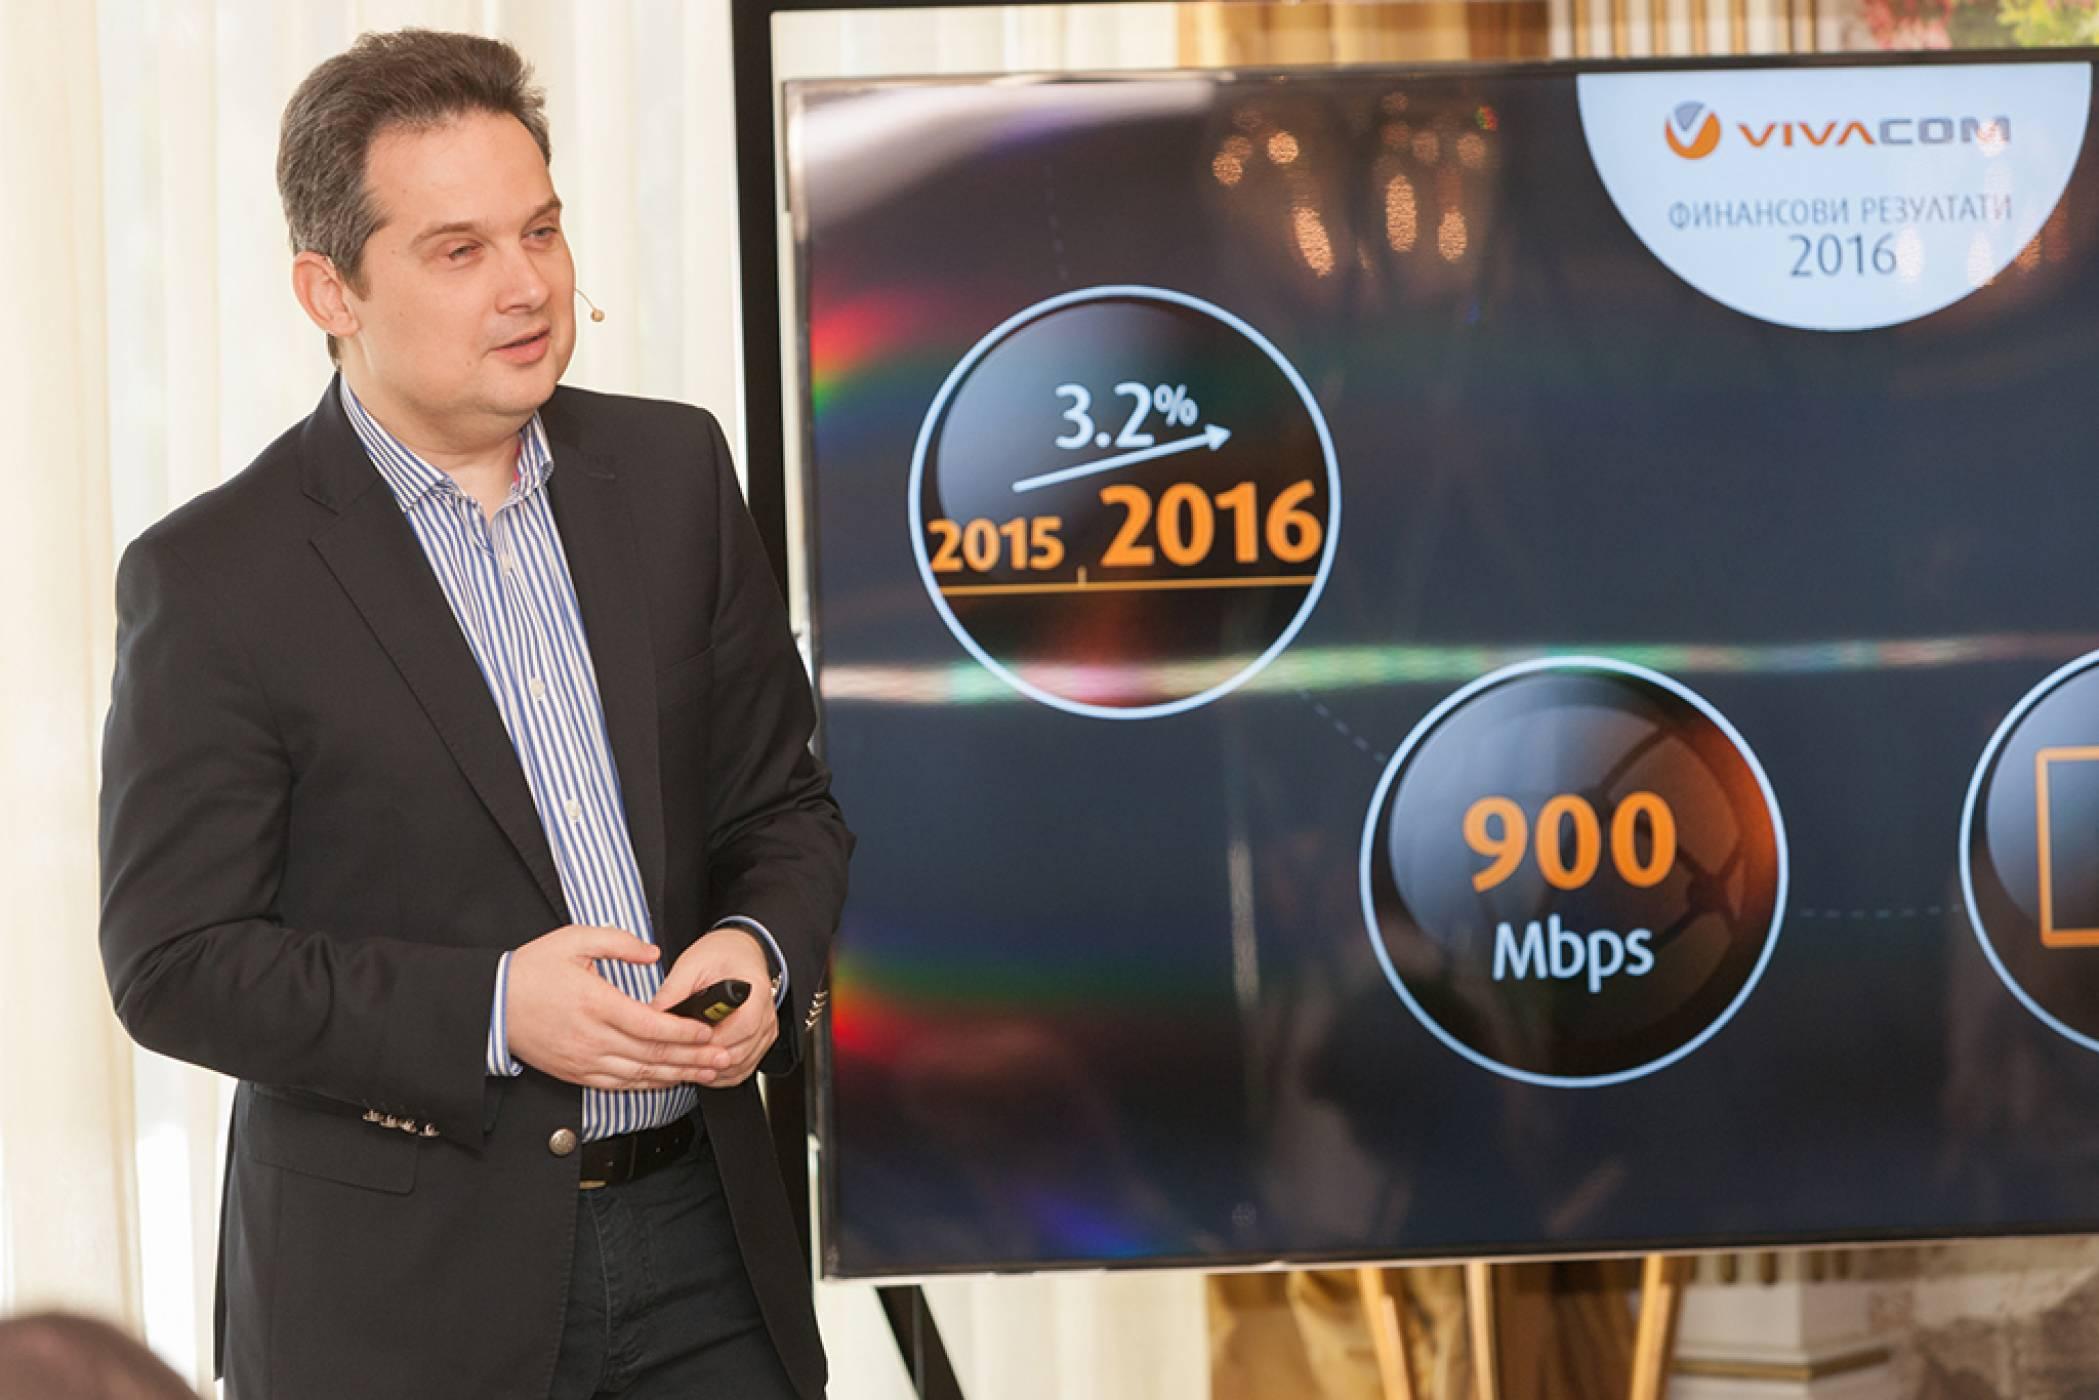 Виваком е лидер по общи приходи сред българските телекоми за четвърти път